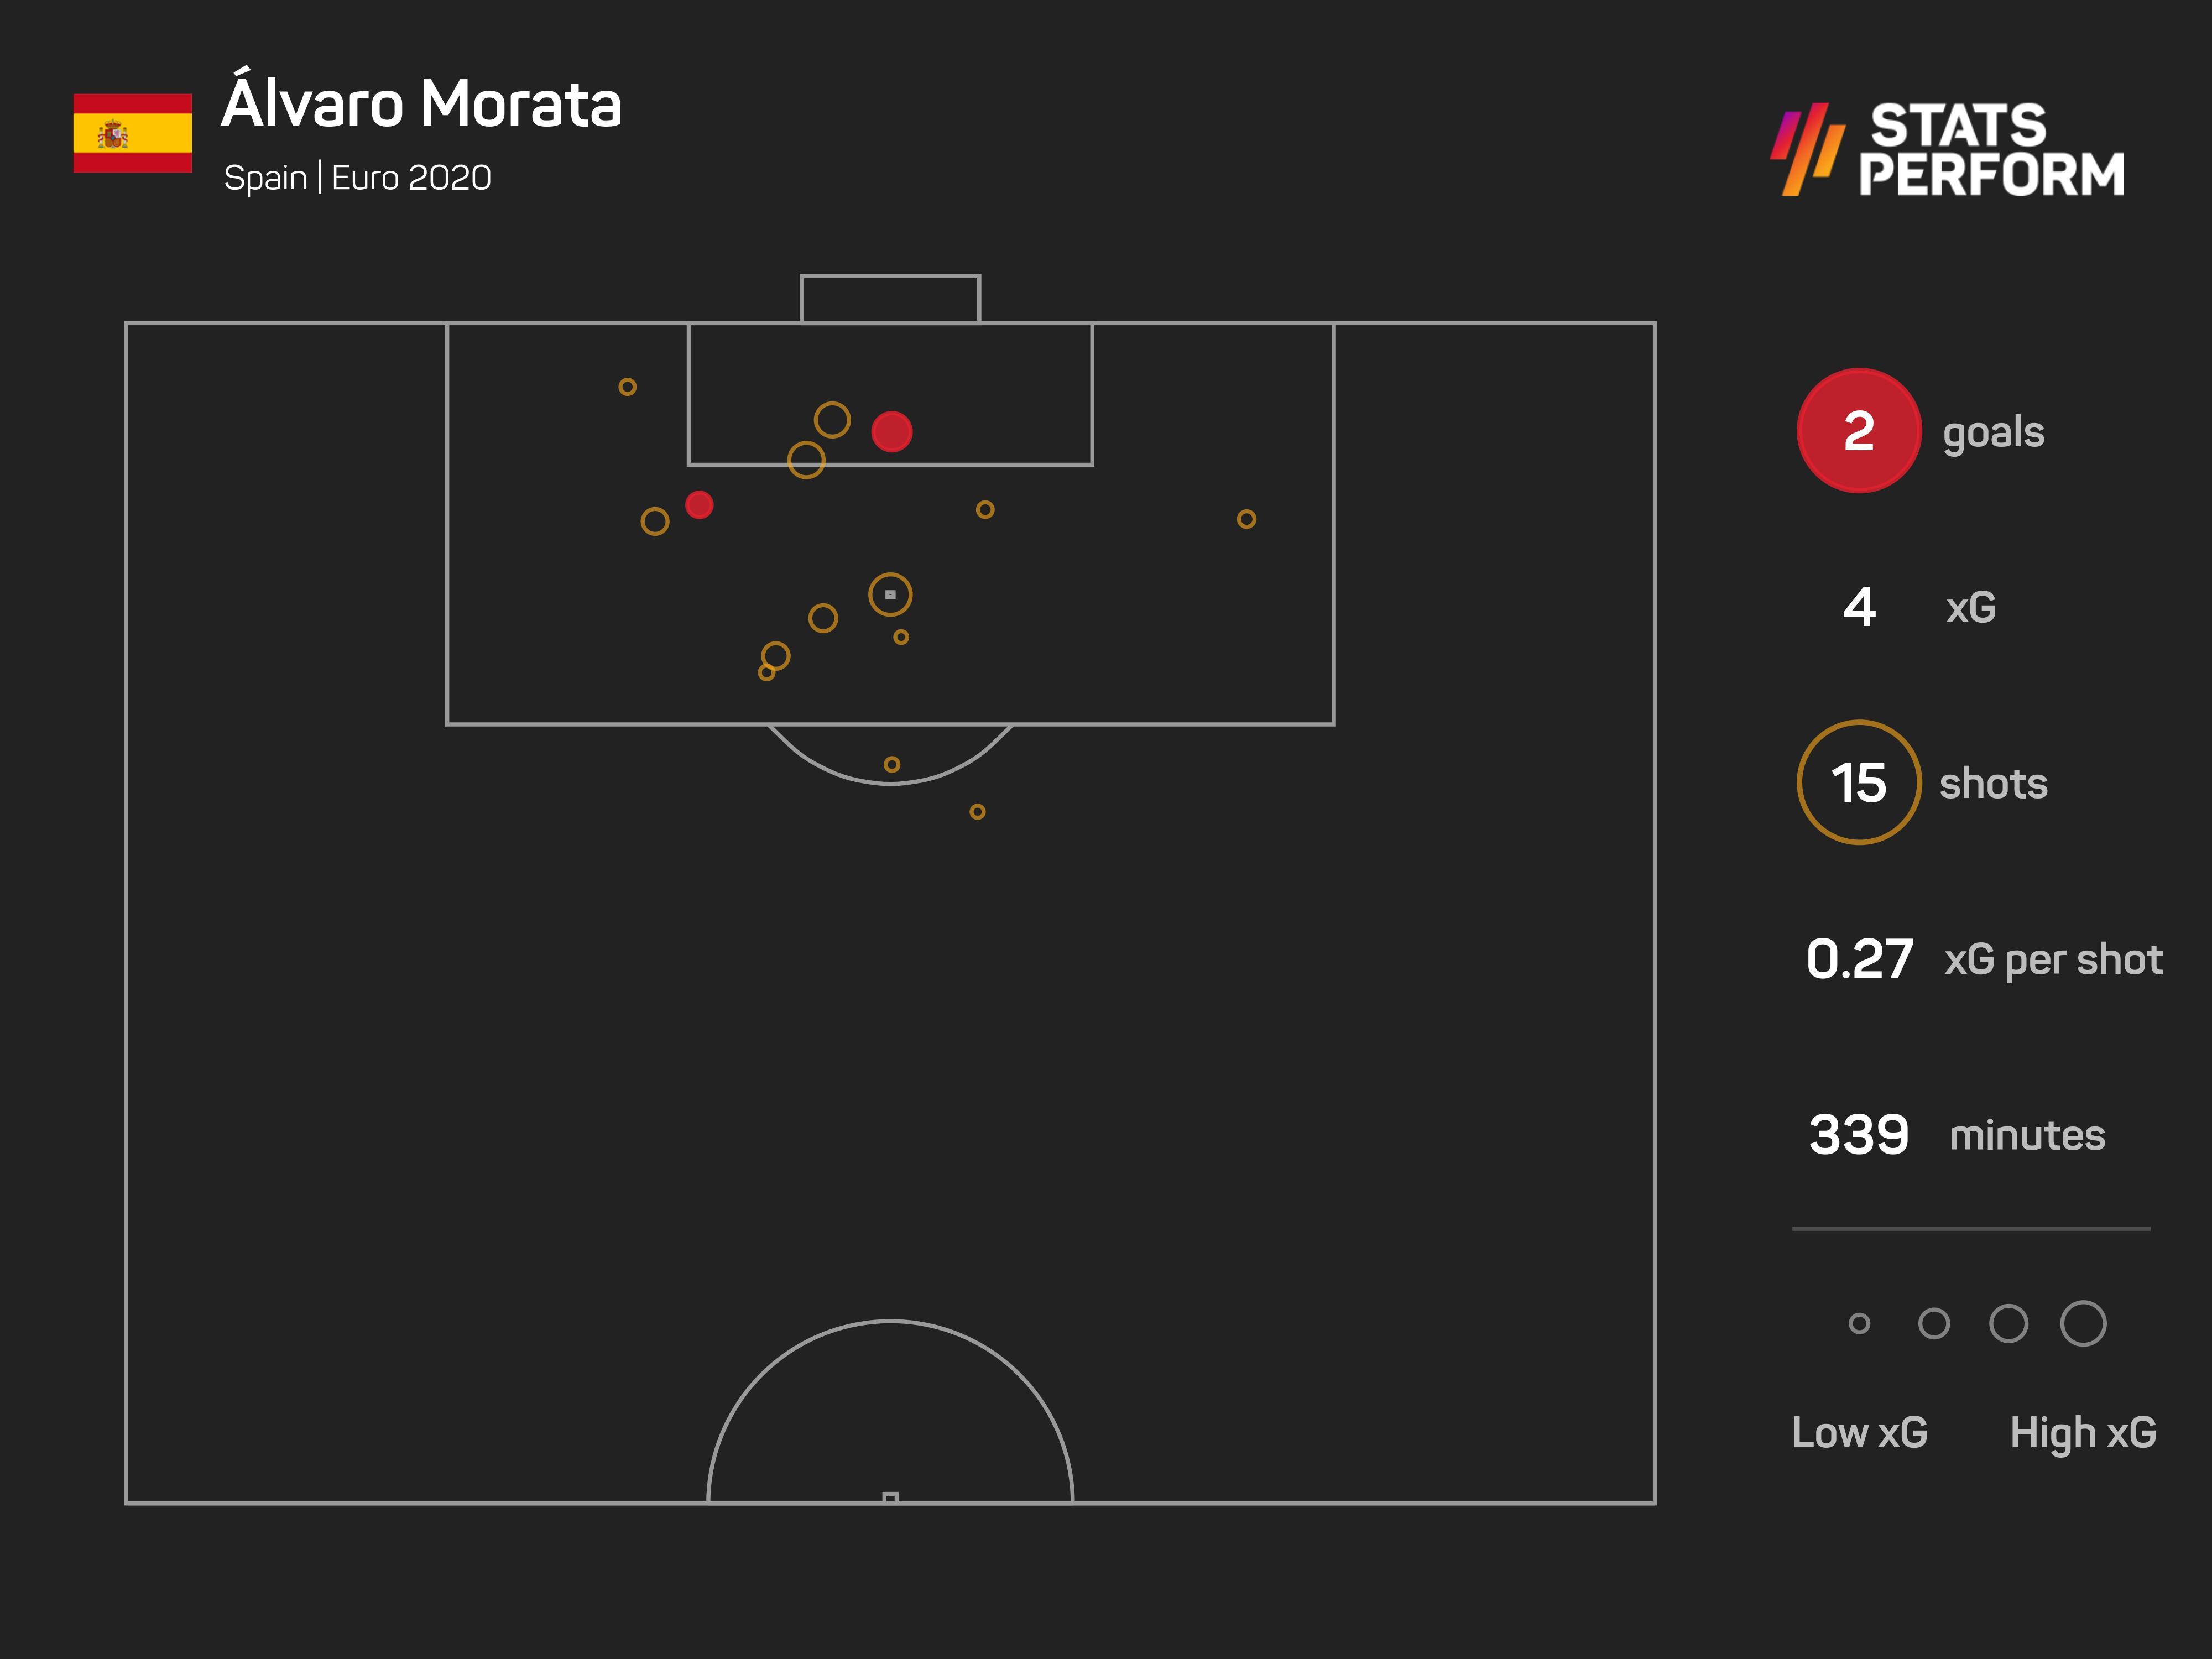 Alvaro Morata Euro 2020 xG